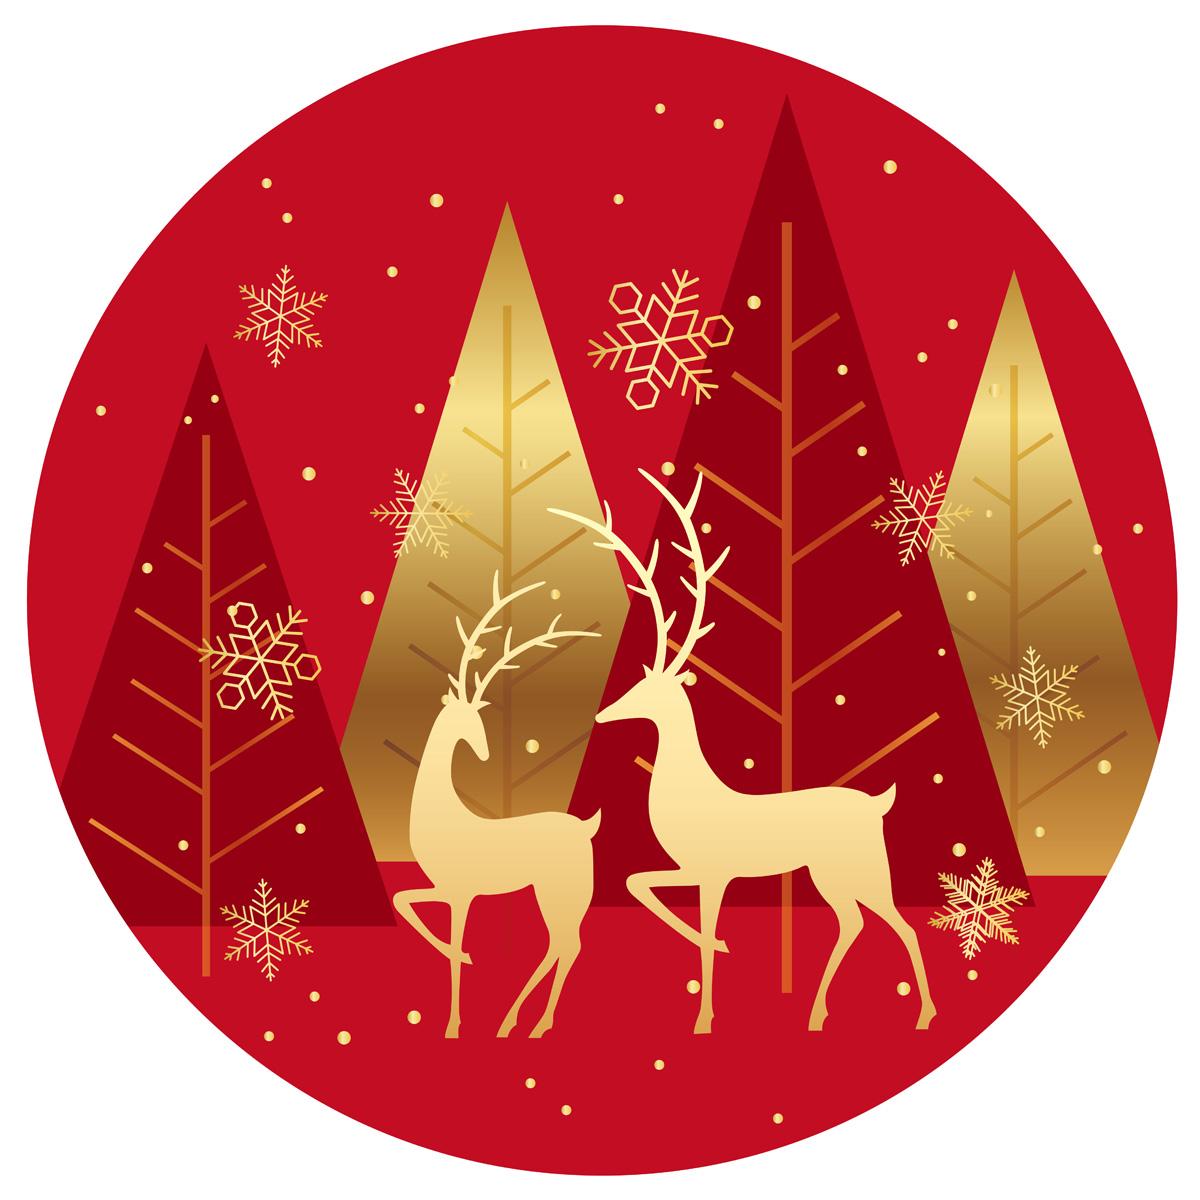 聖誕圖案 免費下載 | 天天瘋後製